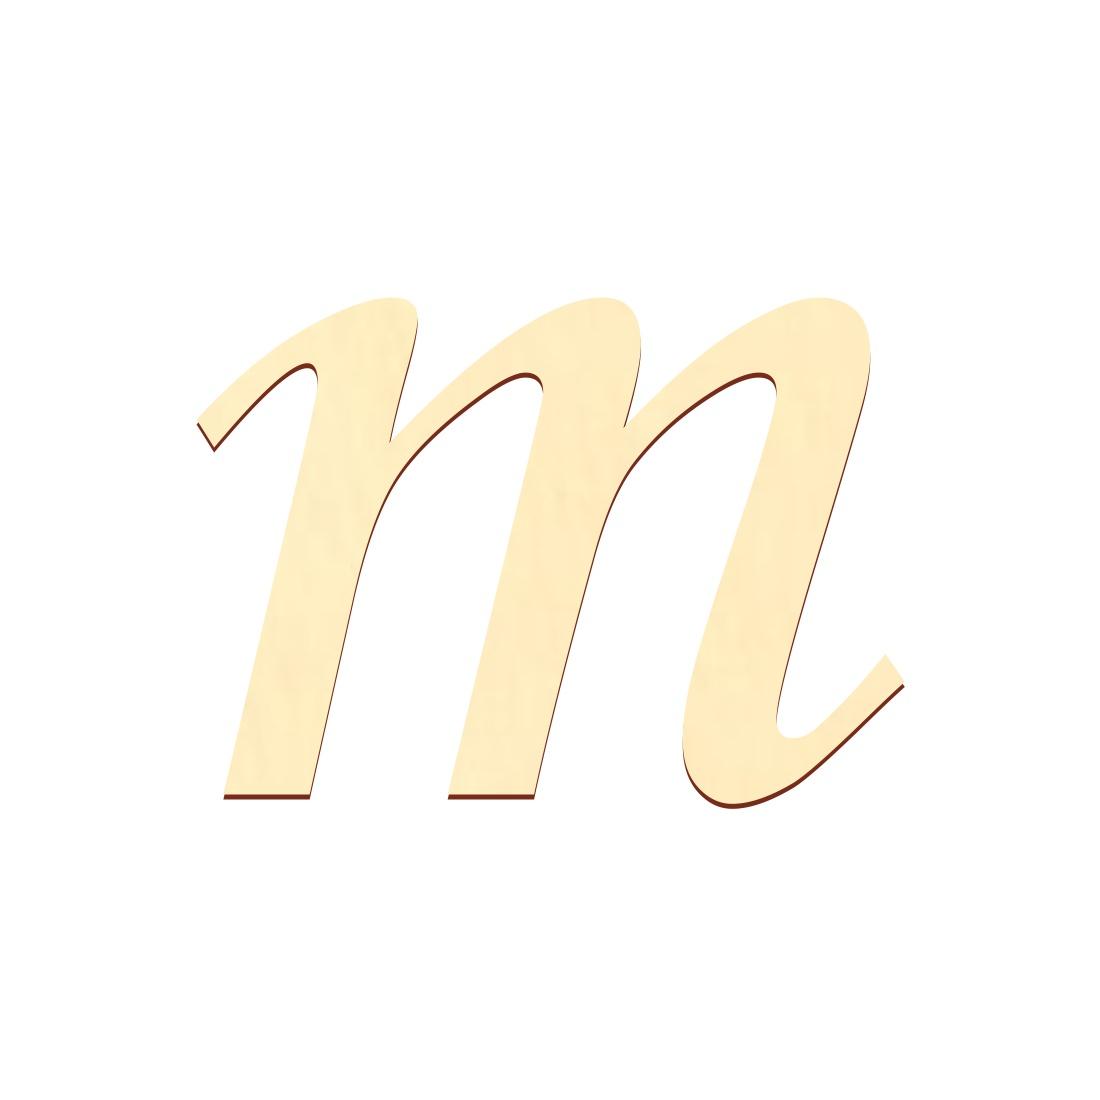 selbstklebende Holz Buchstaben - MT - Wunschtext/Schriftzug mit Größenauswahl